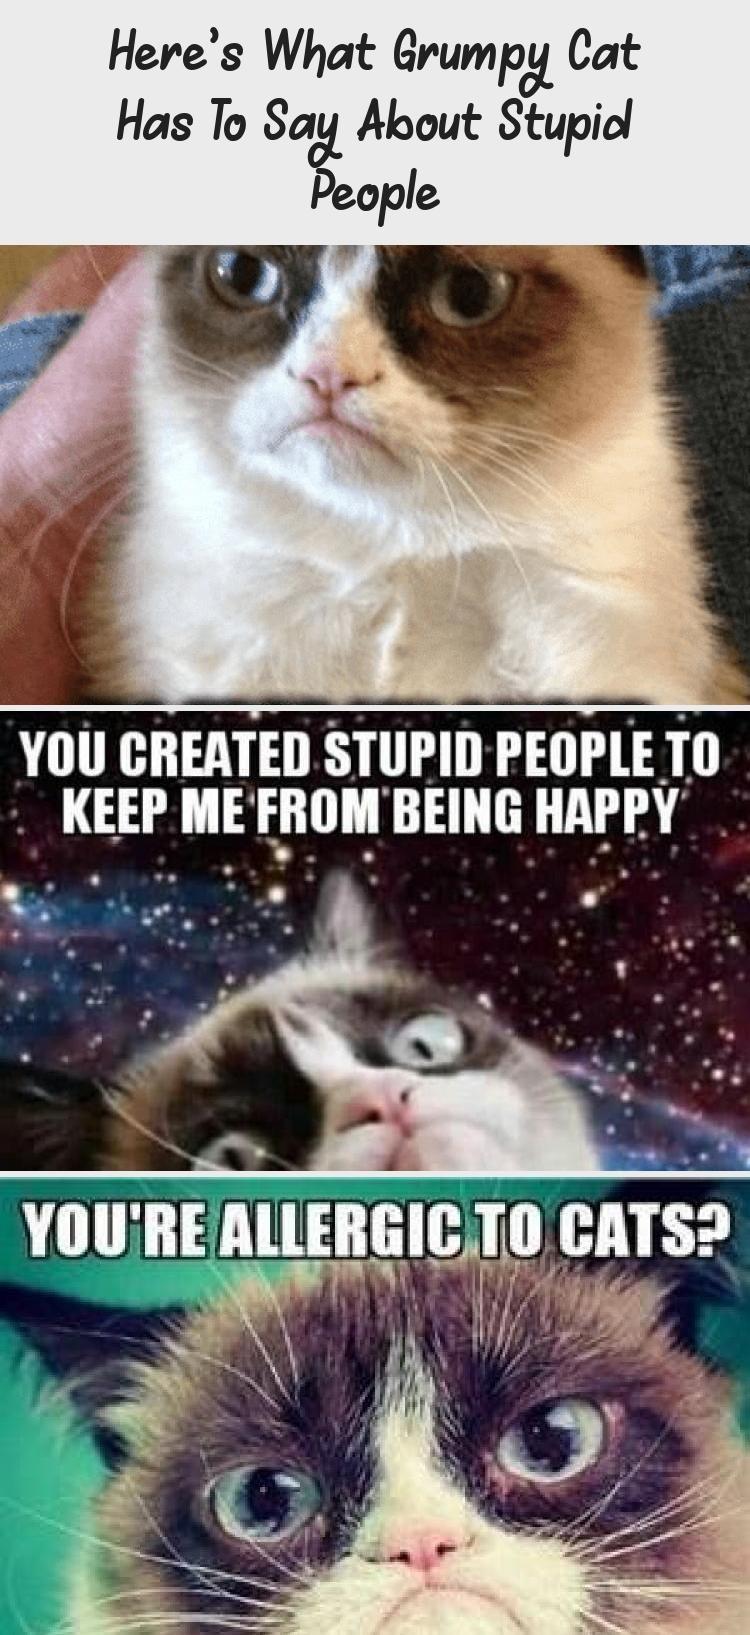 Photo of Esto es lo que Grumpy Cat tiene que decir sobre las personas estúpidas